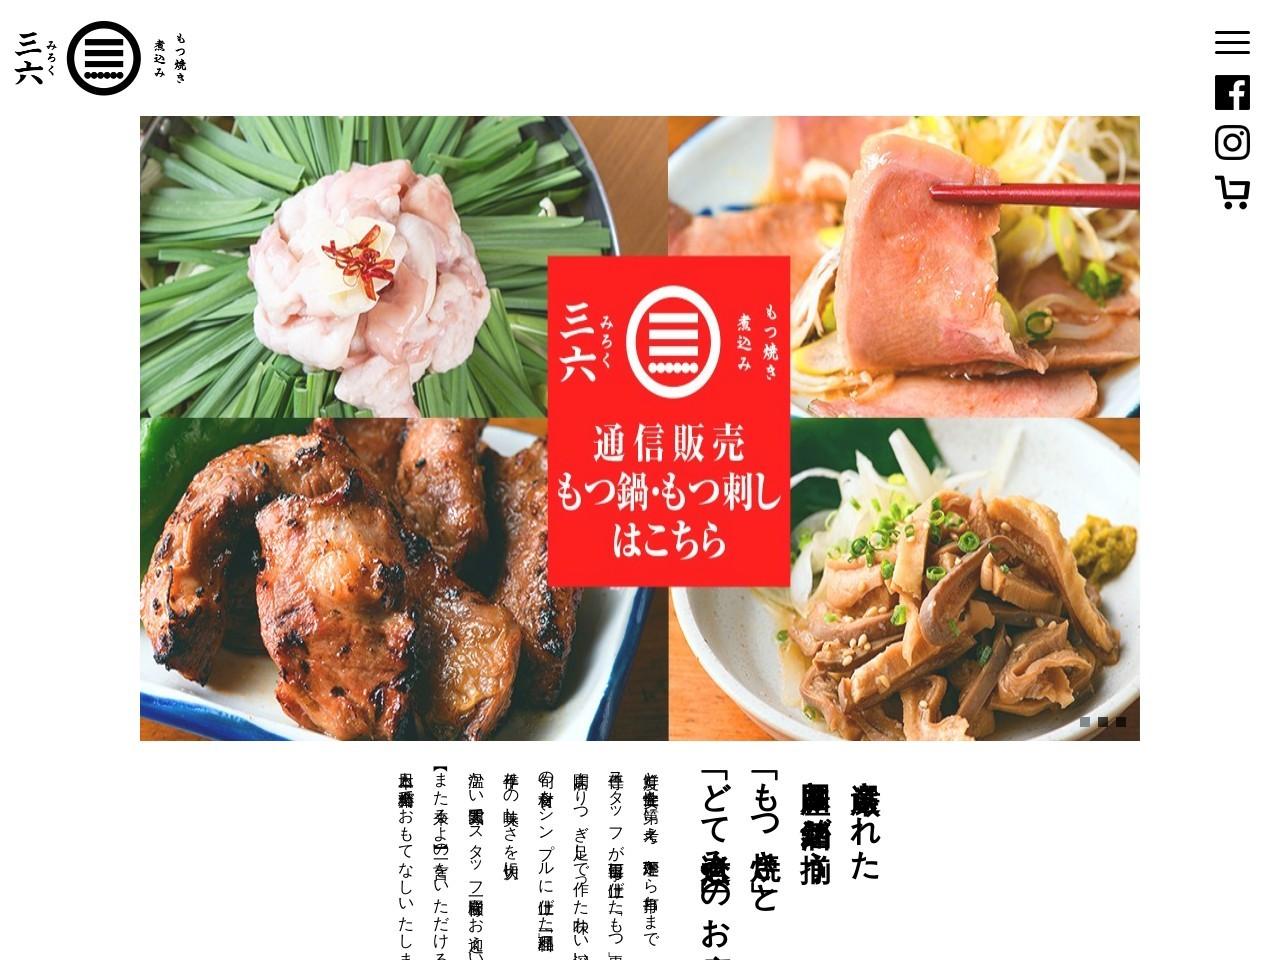 もつ焼き煮込み三六/赤坂店